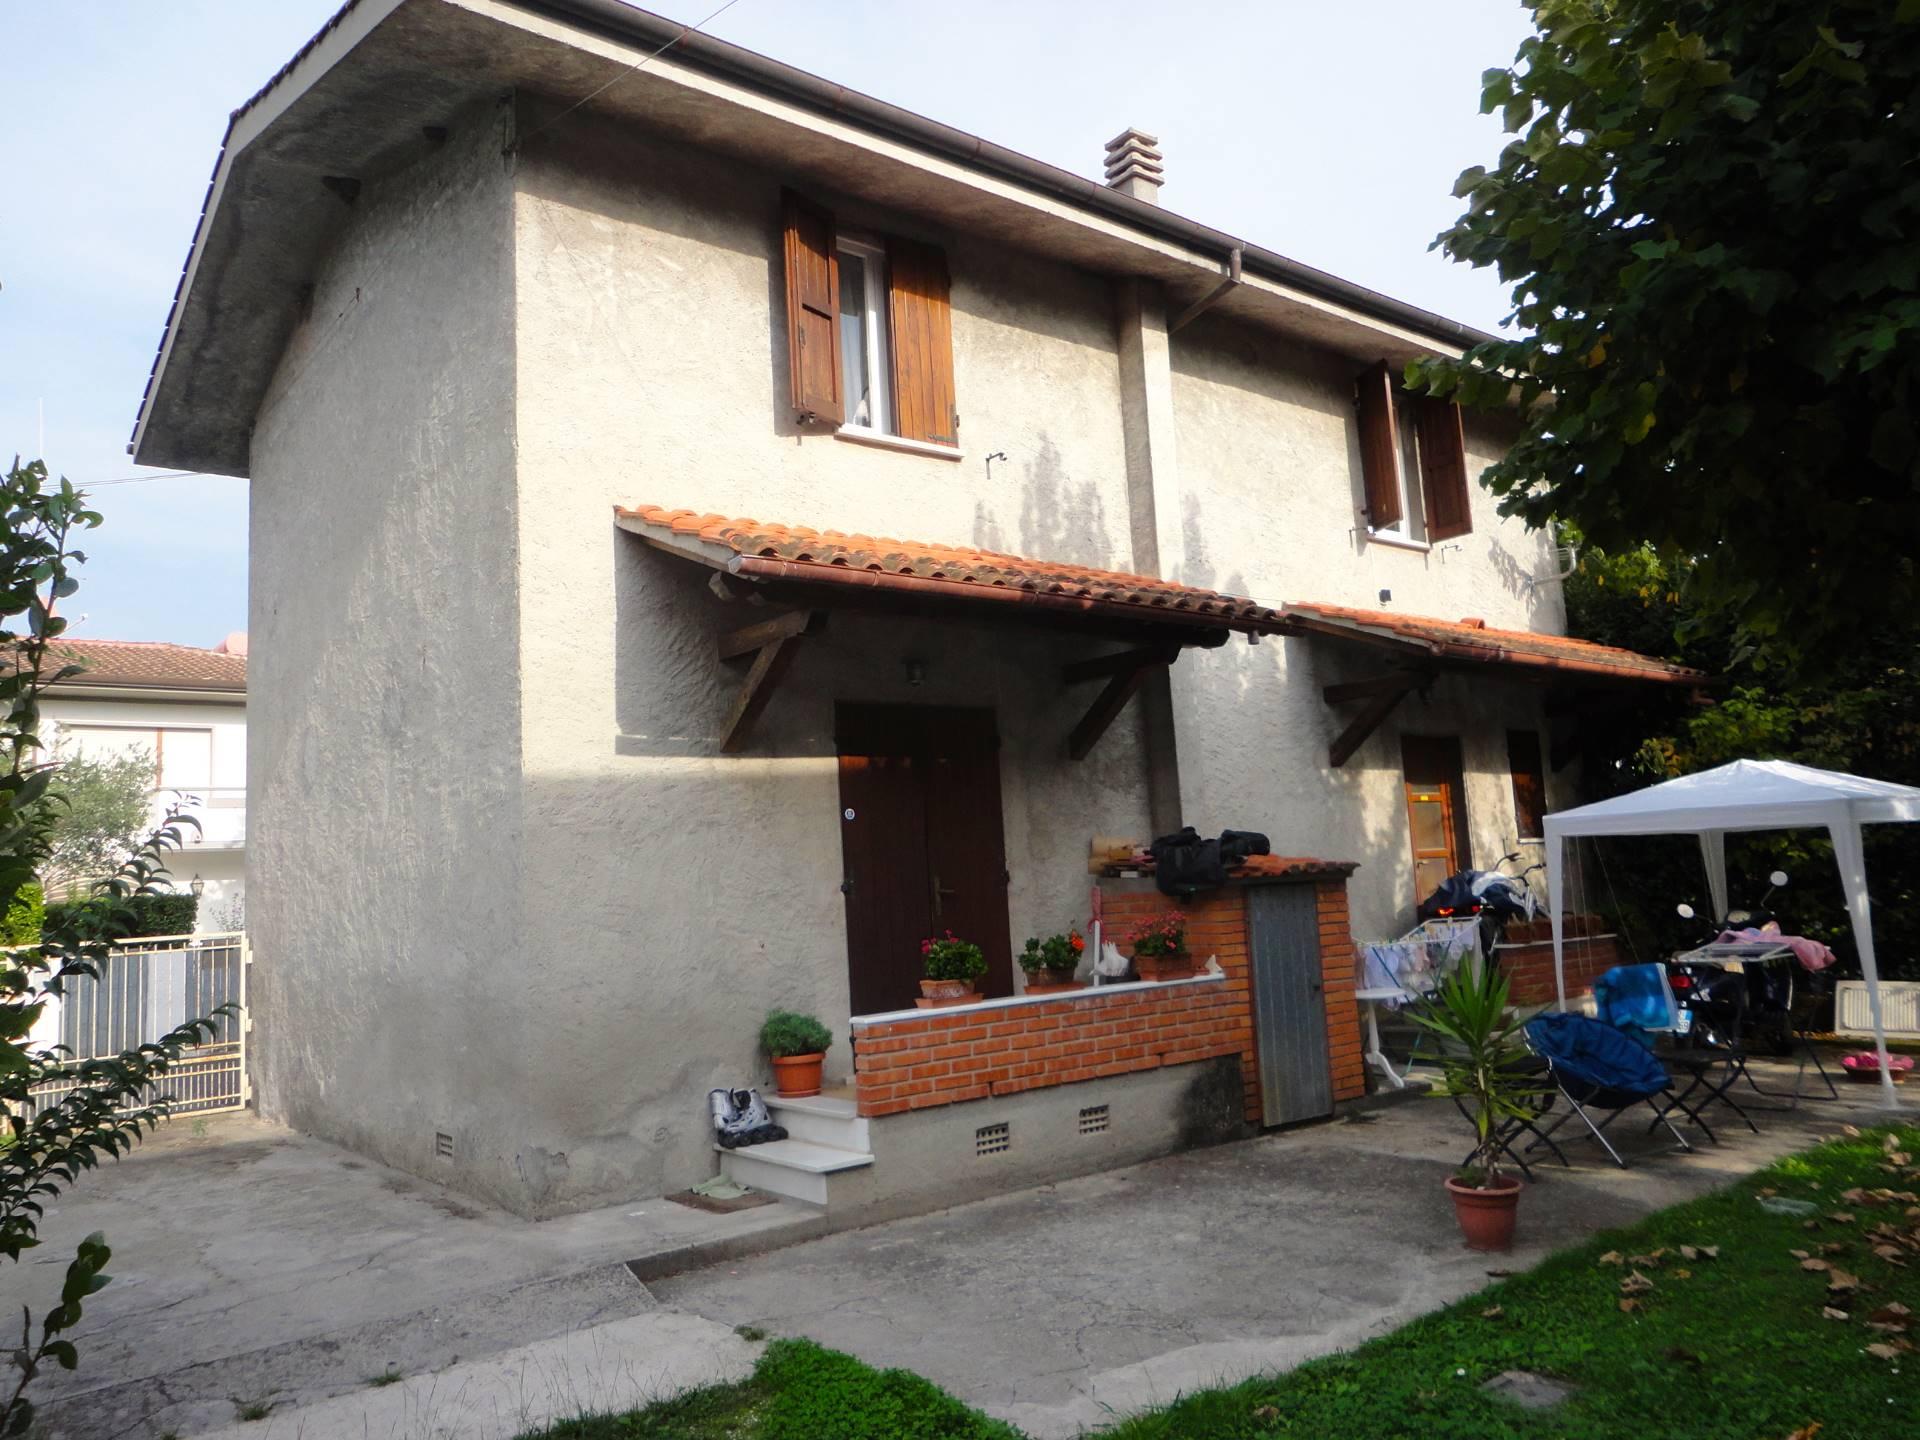 Villa in vendita a Forte dei Marmi, 5 locali, zona Zona: Caranna, prezzo € 860.000 | Cambio Casa.it